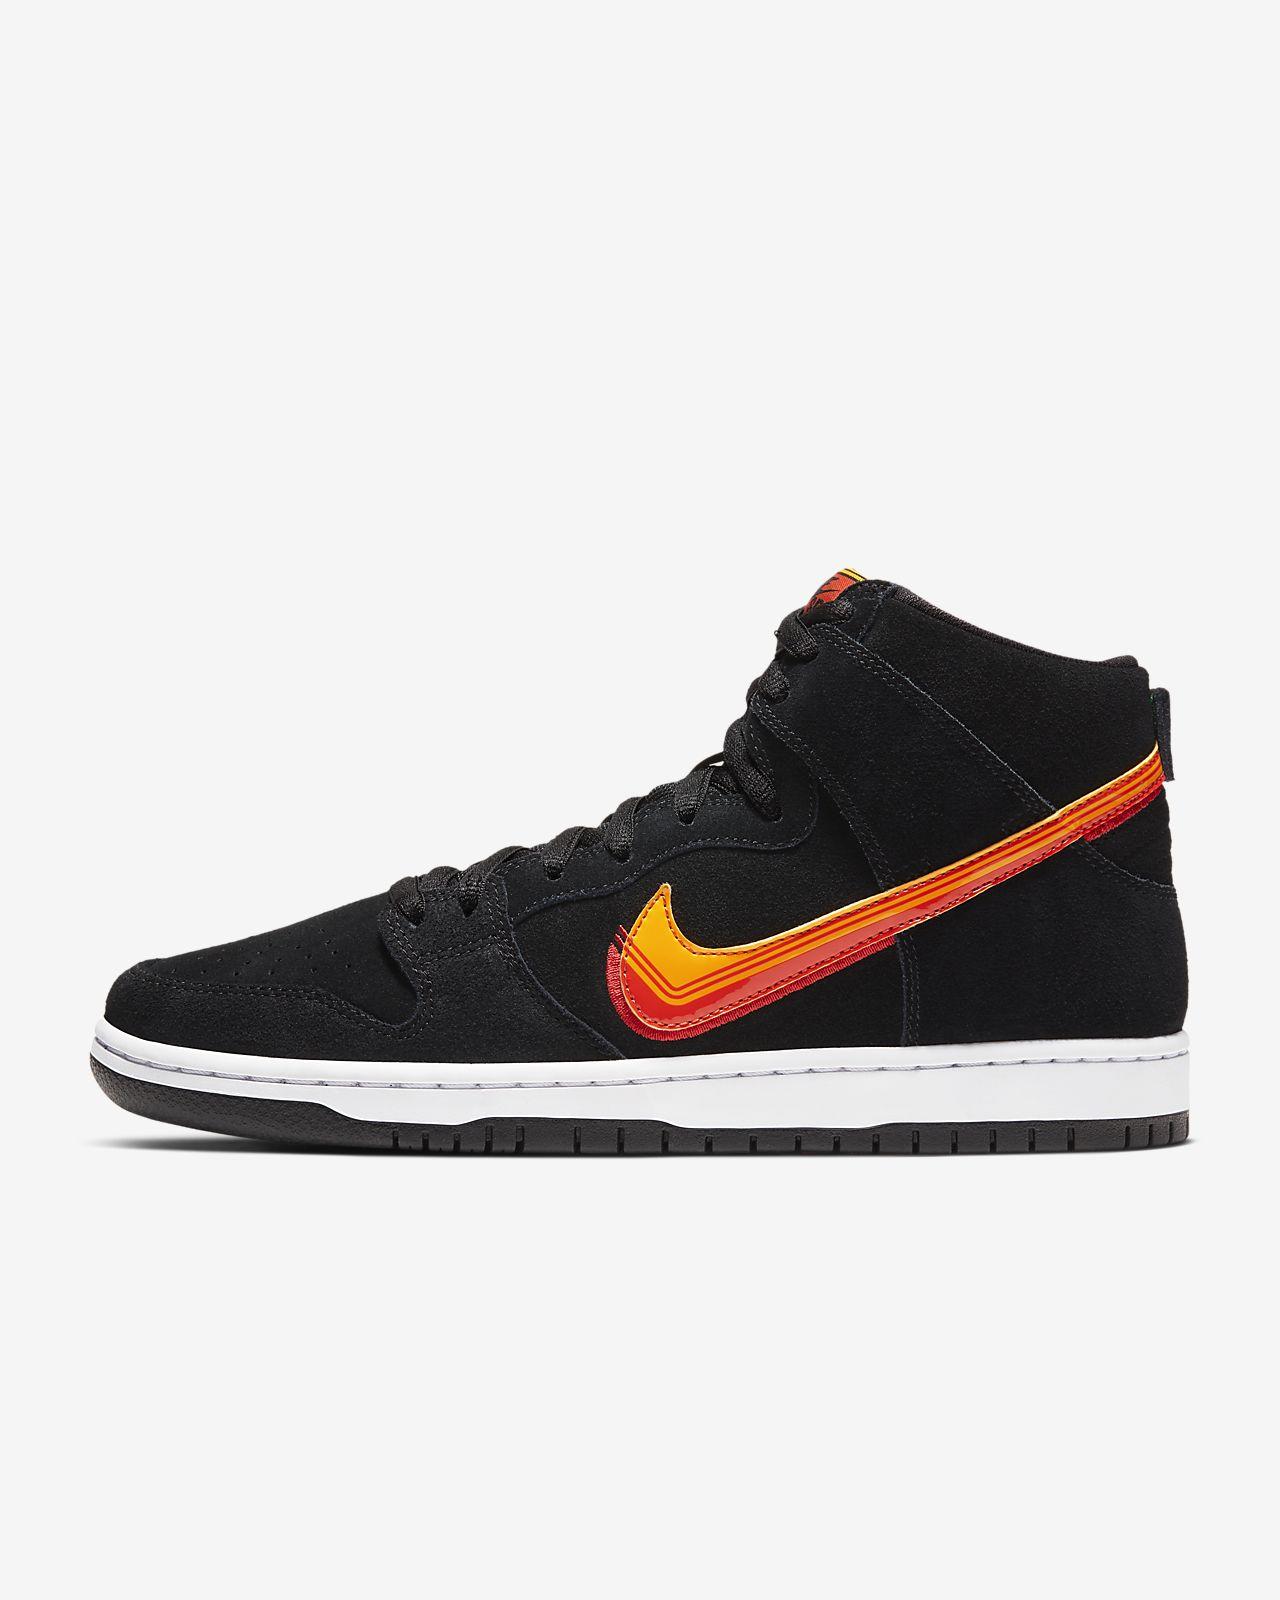 รองเท้าสเก็ตบอร์ดผู้ชาย Nike SB Dunk High Pro